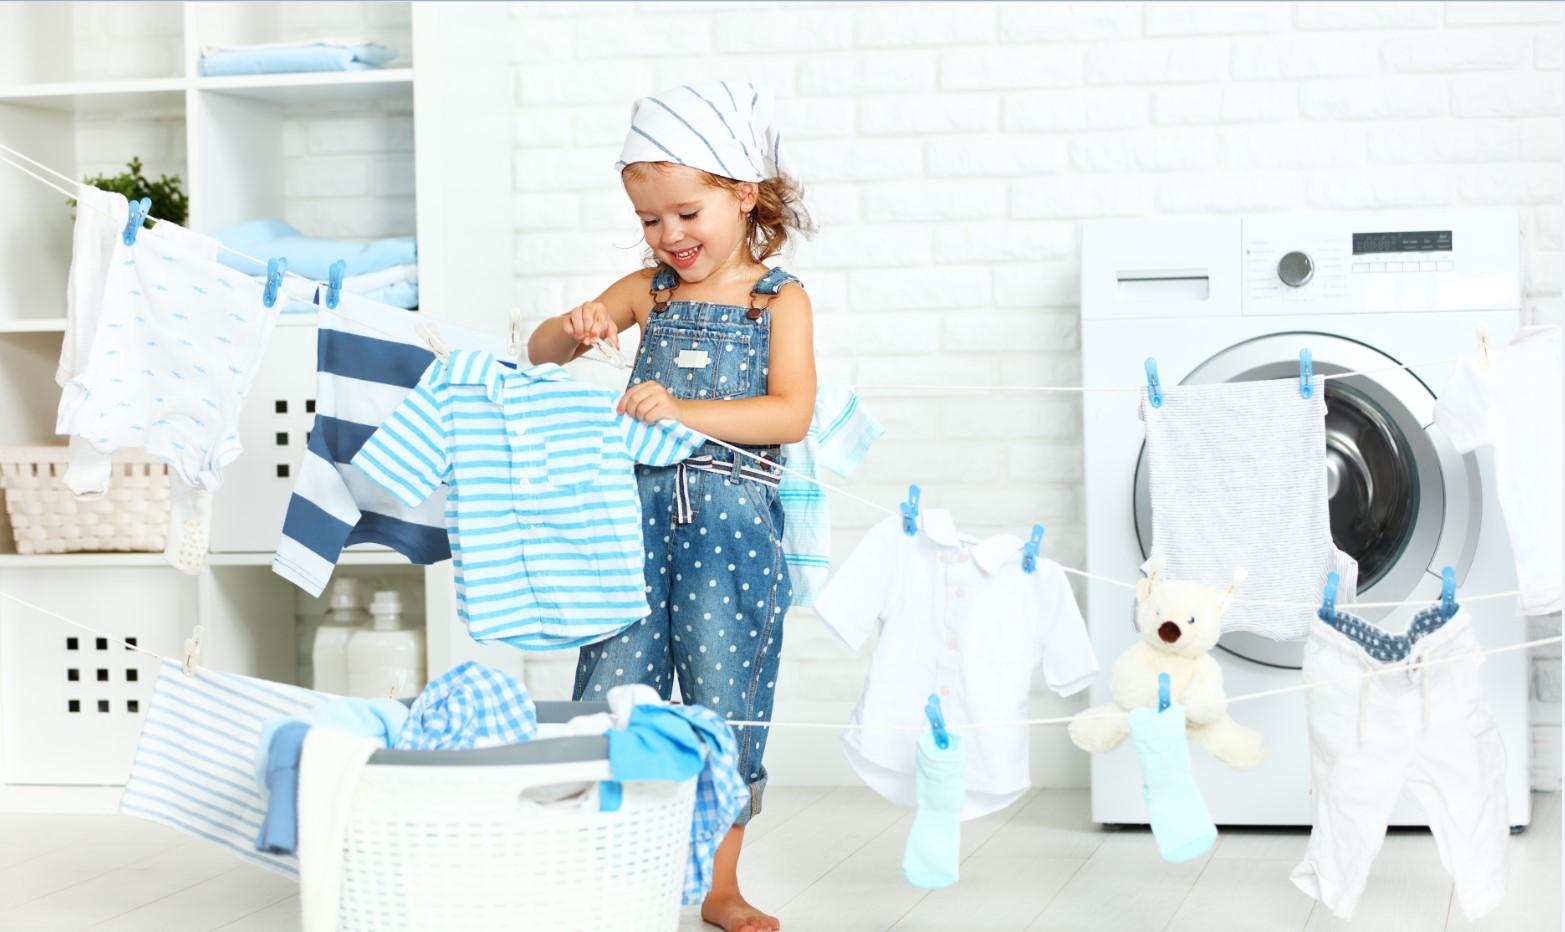 ילדה תולה כביסה